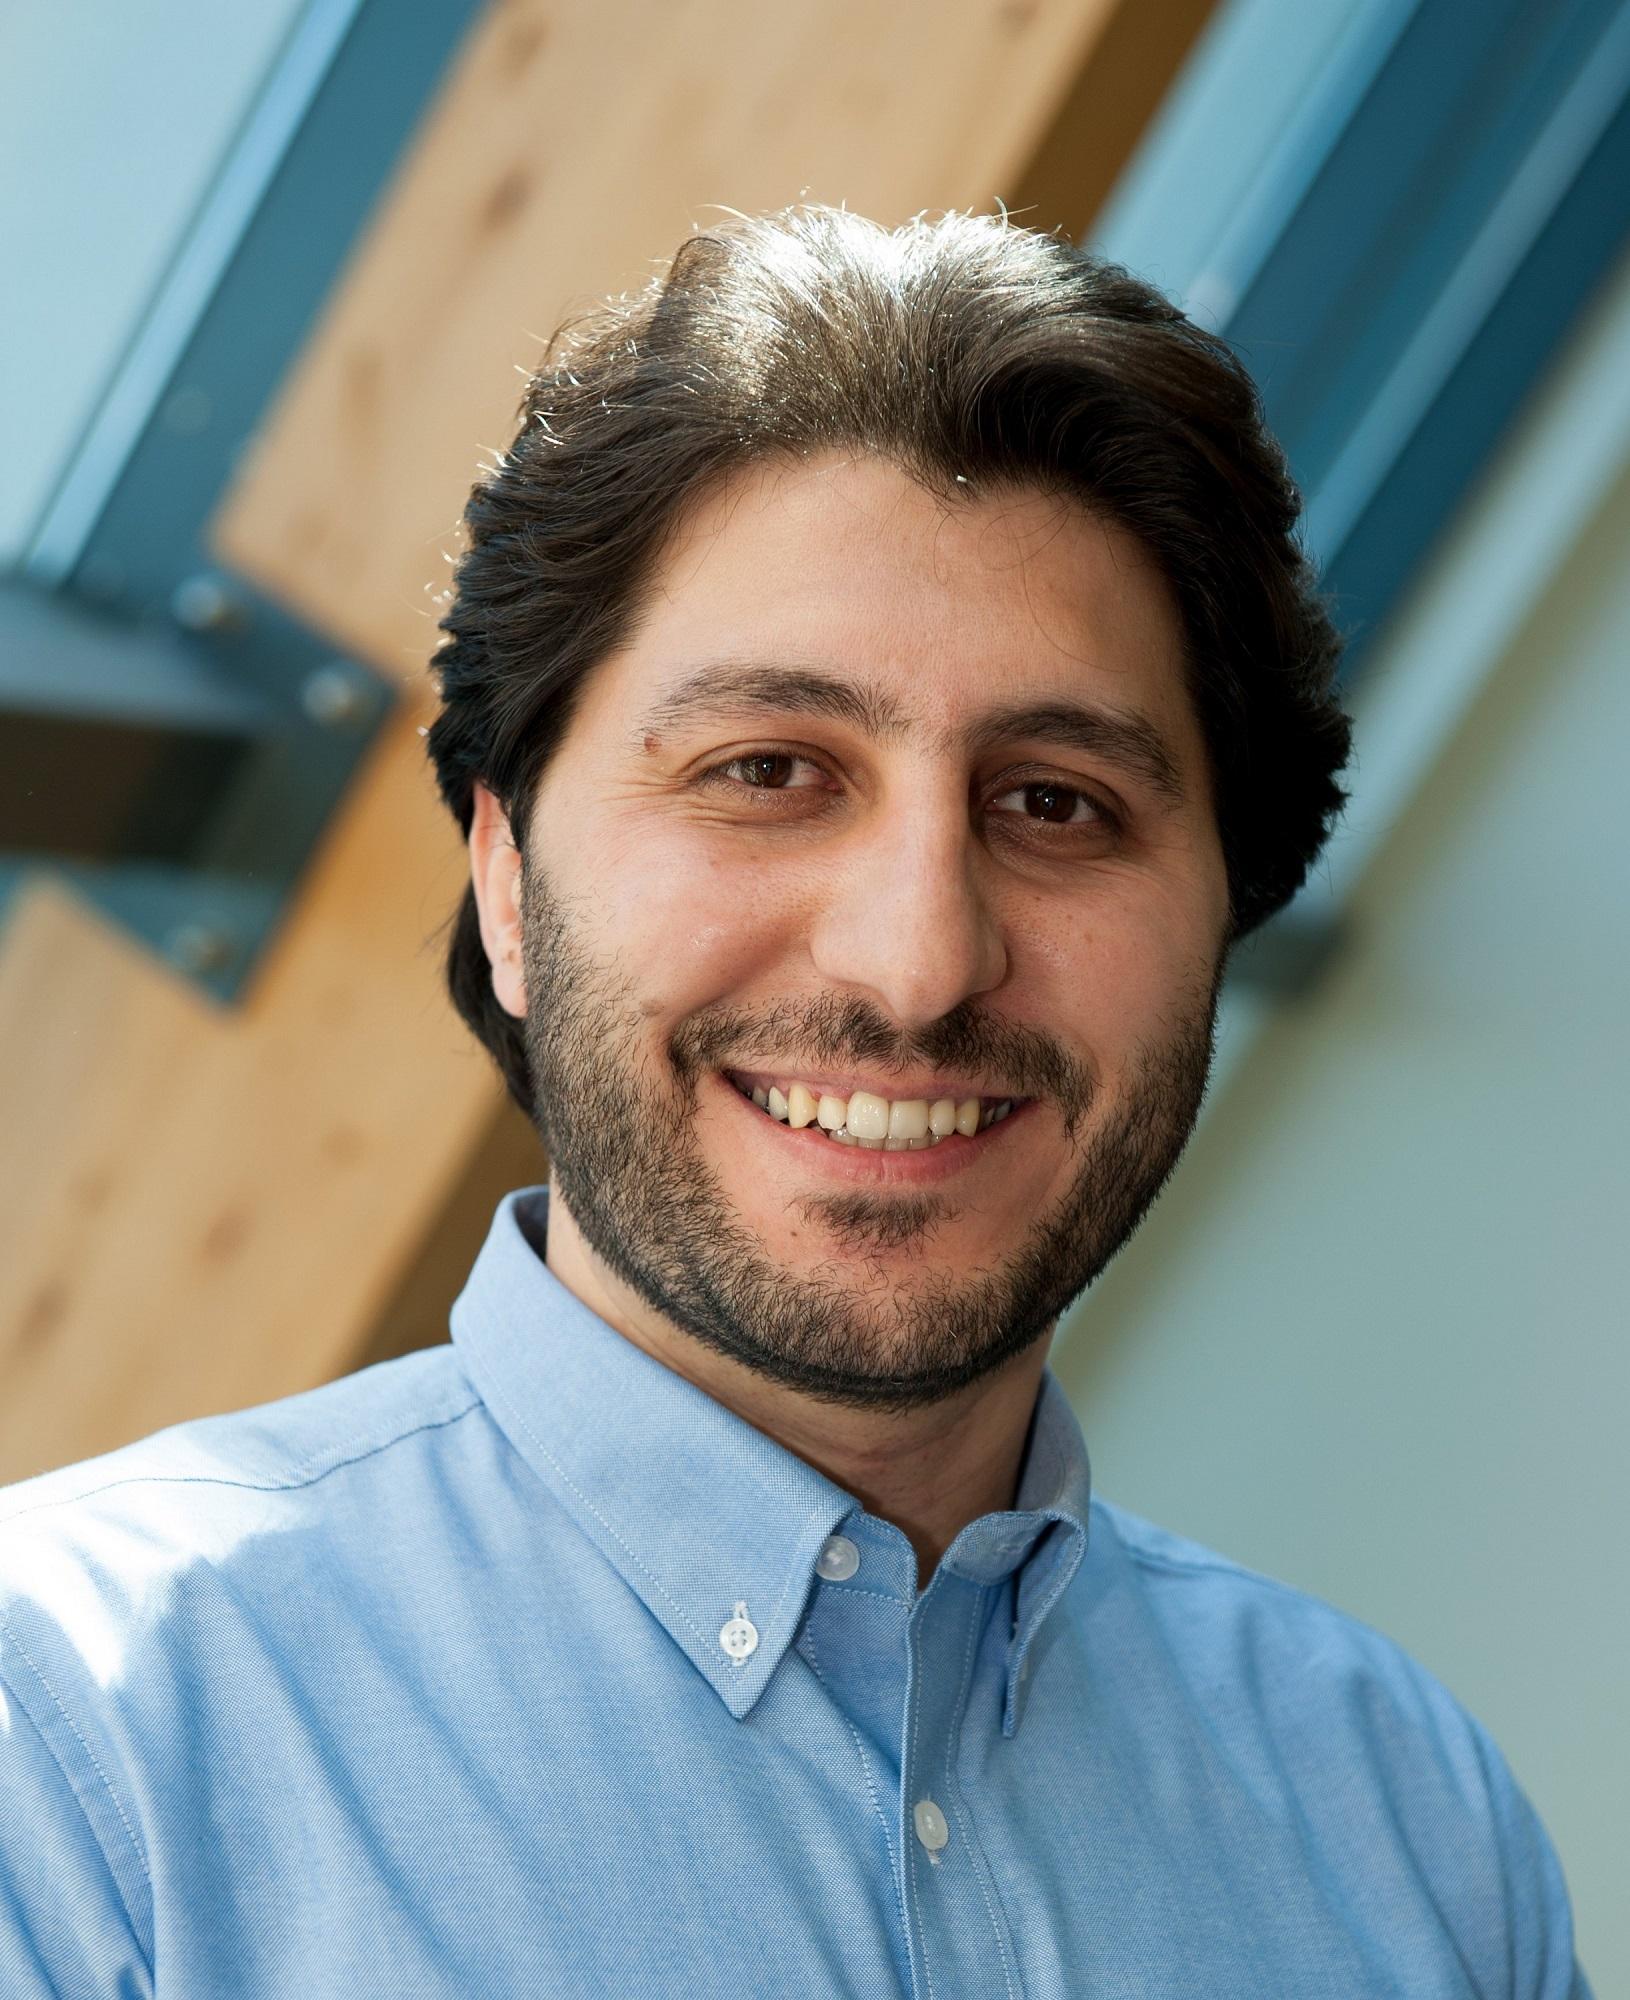 Mahmoud Alajaty